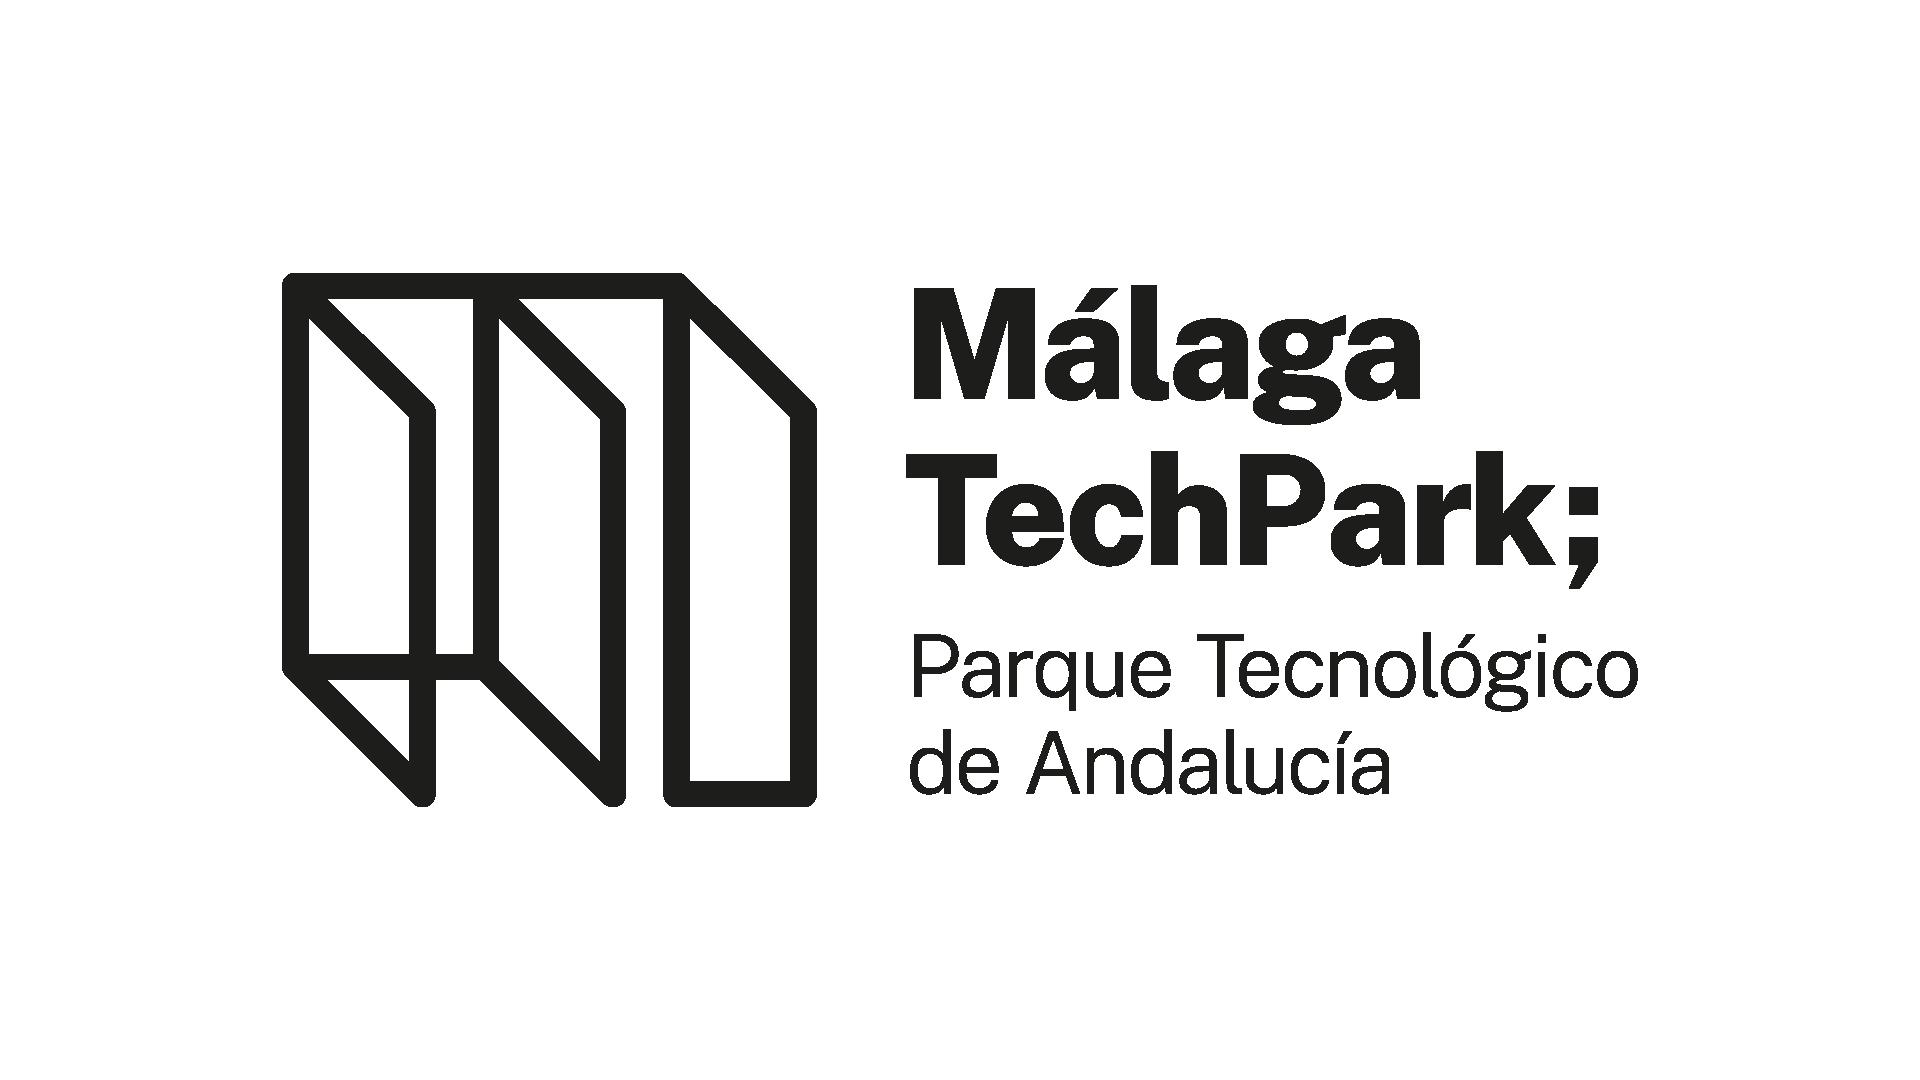 Llogo Malaga TechPark